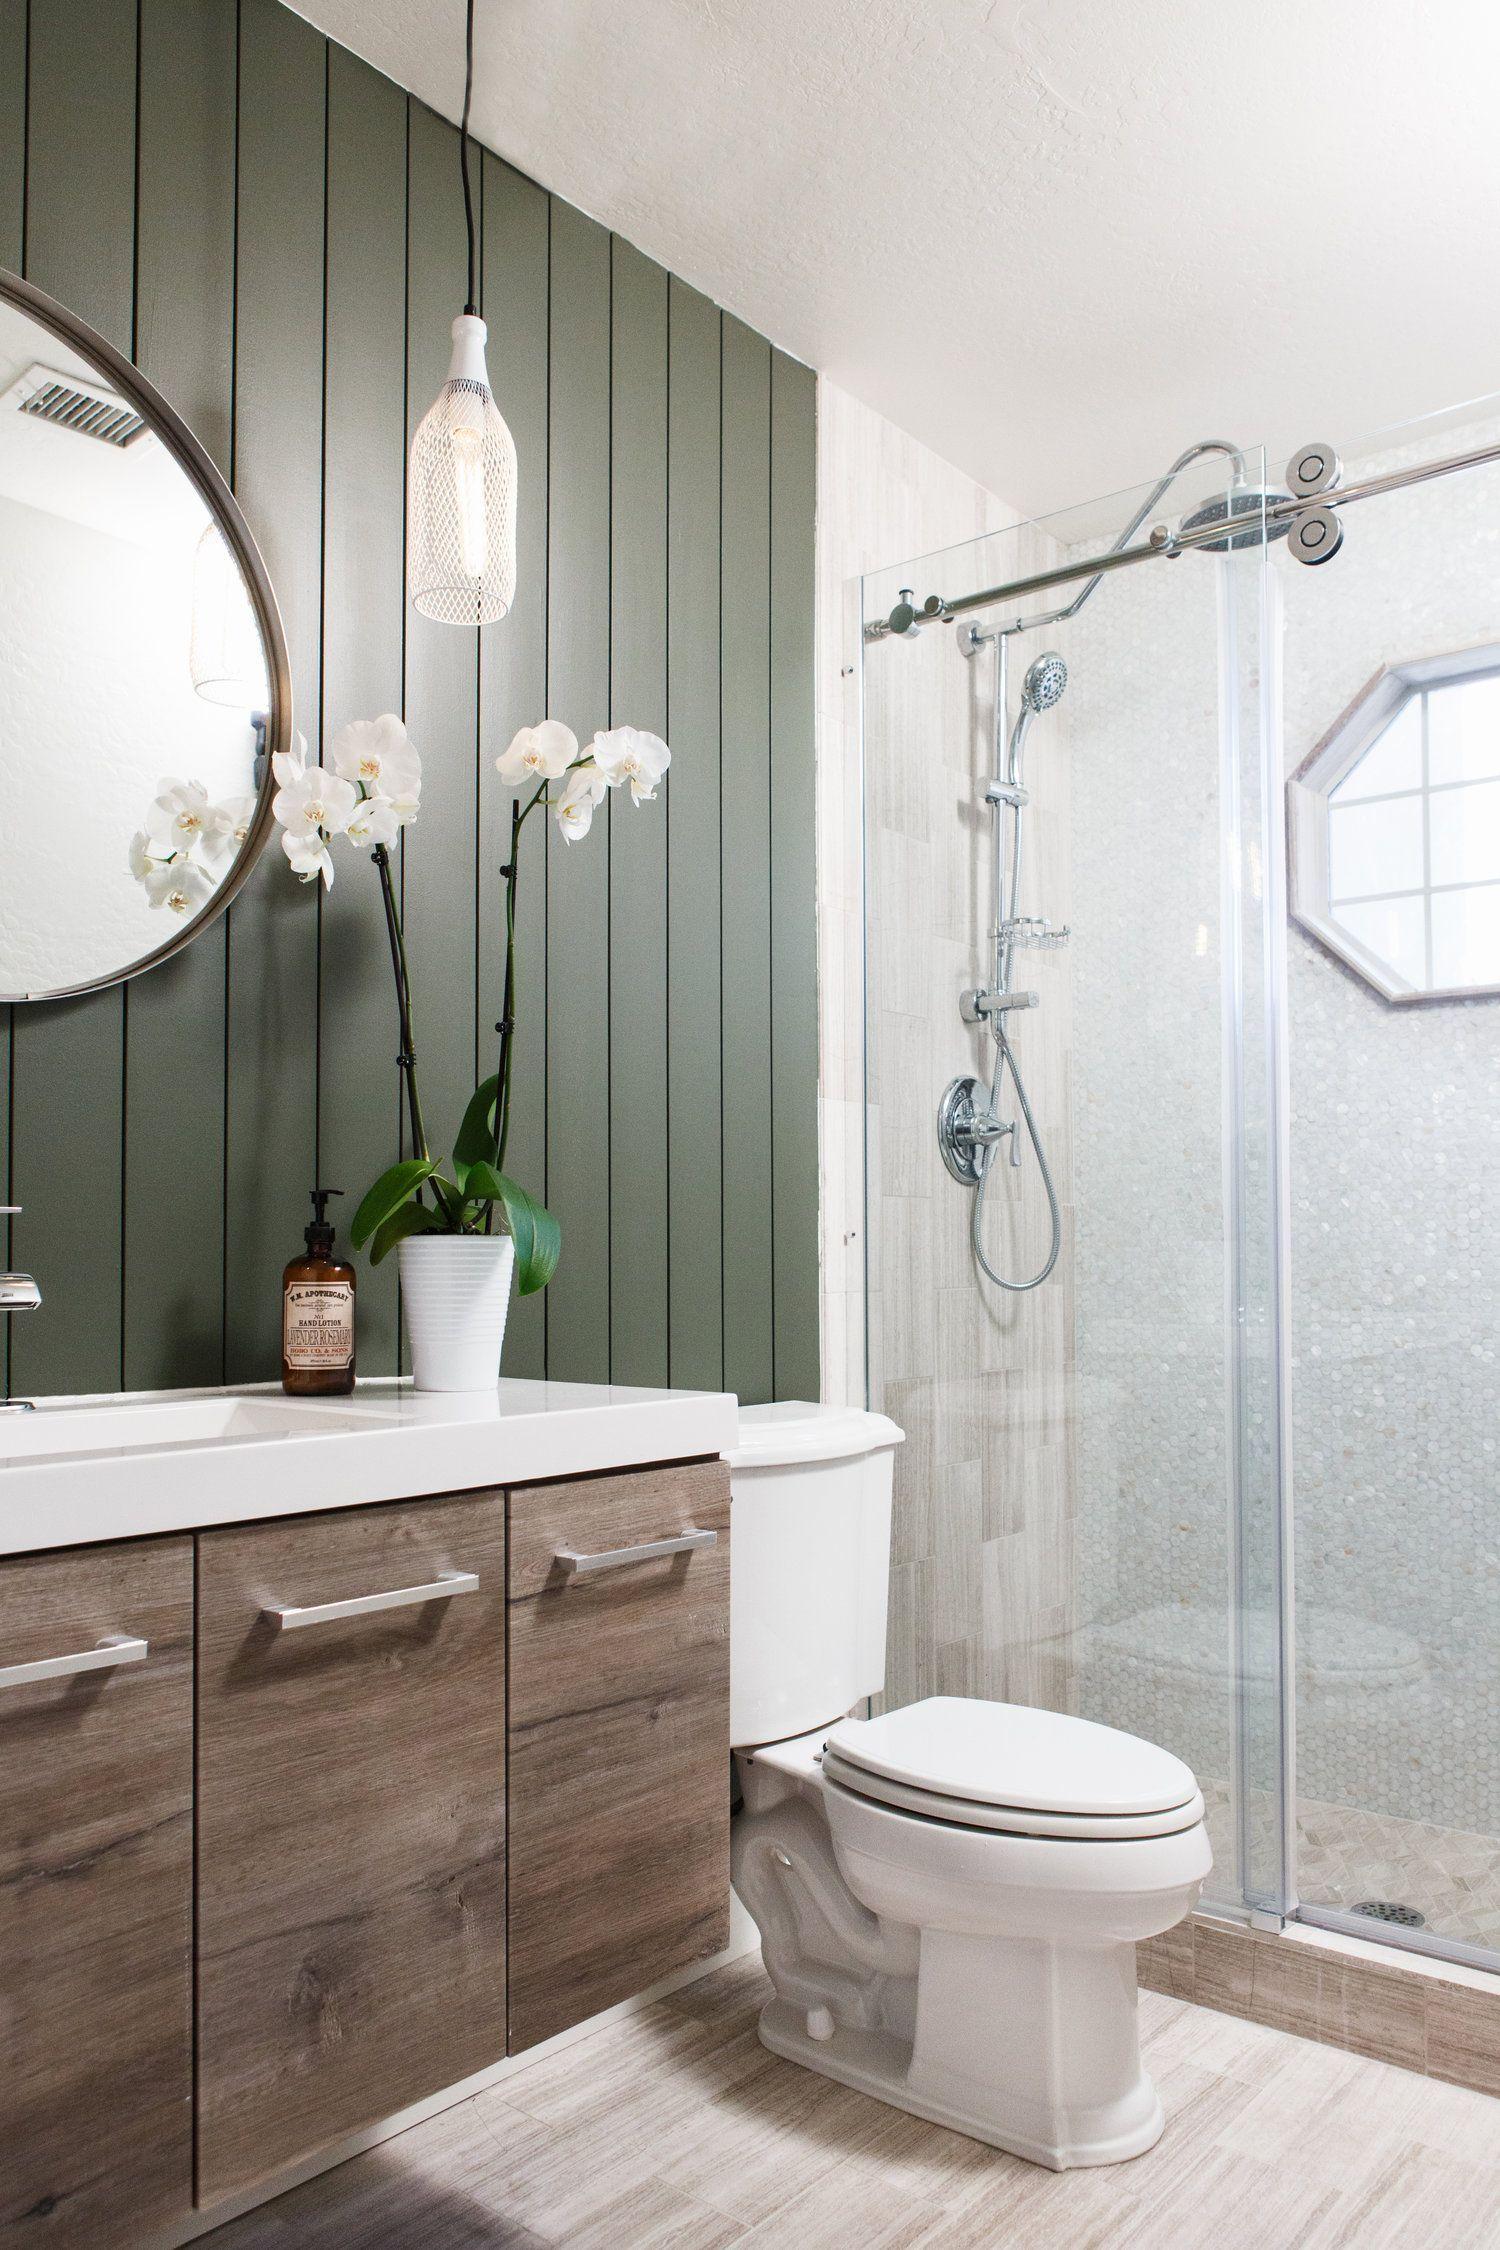 dark green shiplap, reclaimed wood vanity and limestone tile create ...